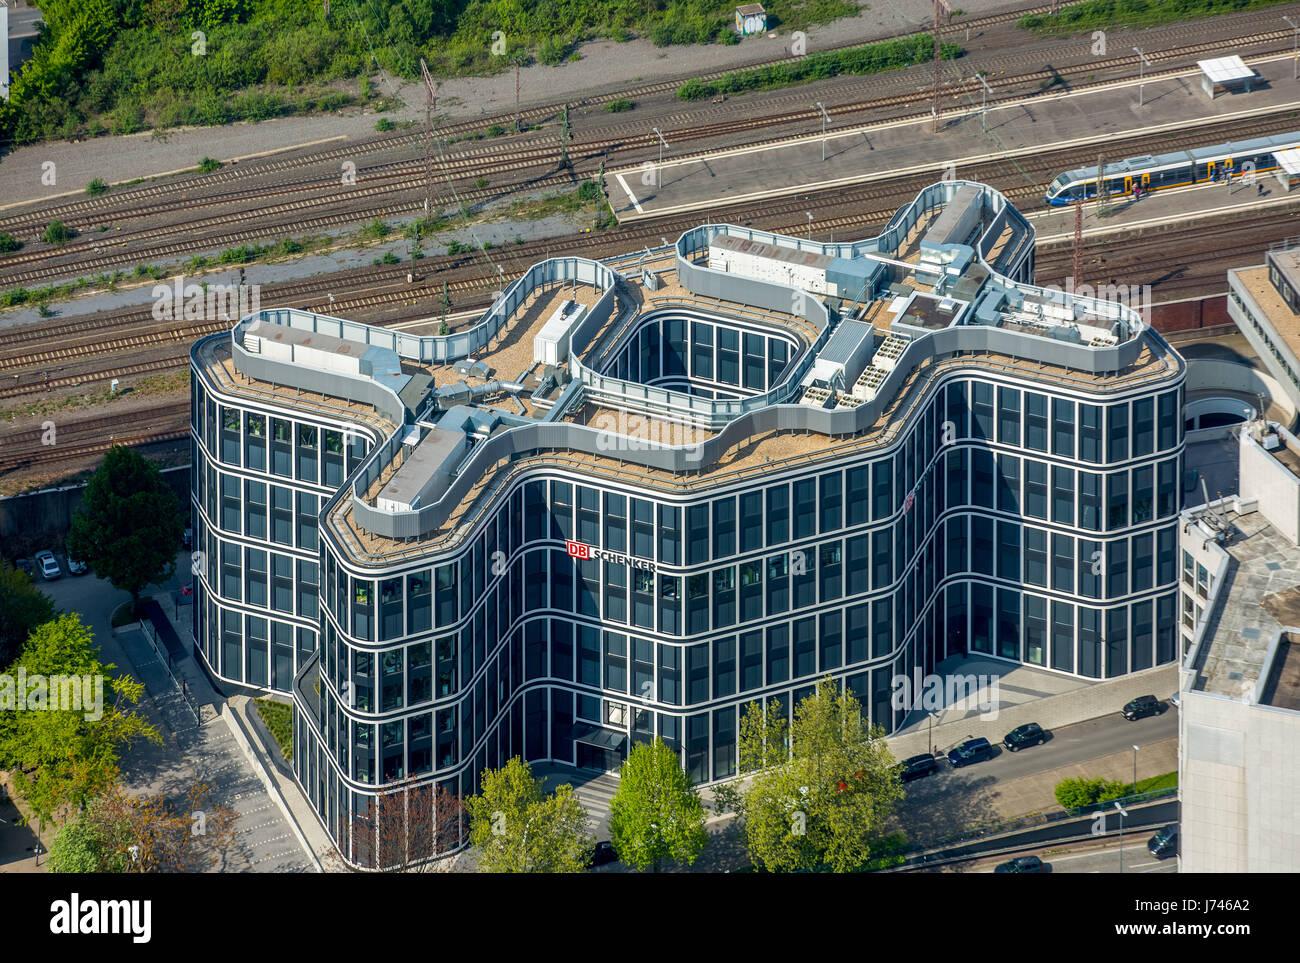 Schenker headquarters, logistics company, Essen, Ruhr area, North Rhine-Westphalia, Germany,Schenker Zentrale, Logistikunternehmen, - Stock Image